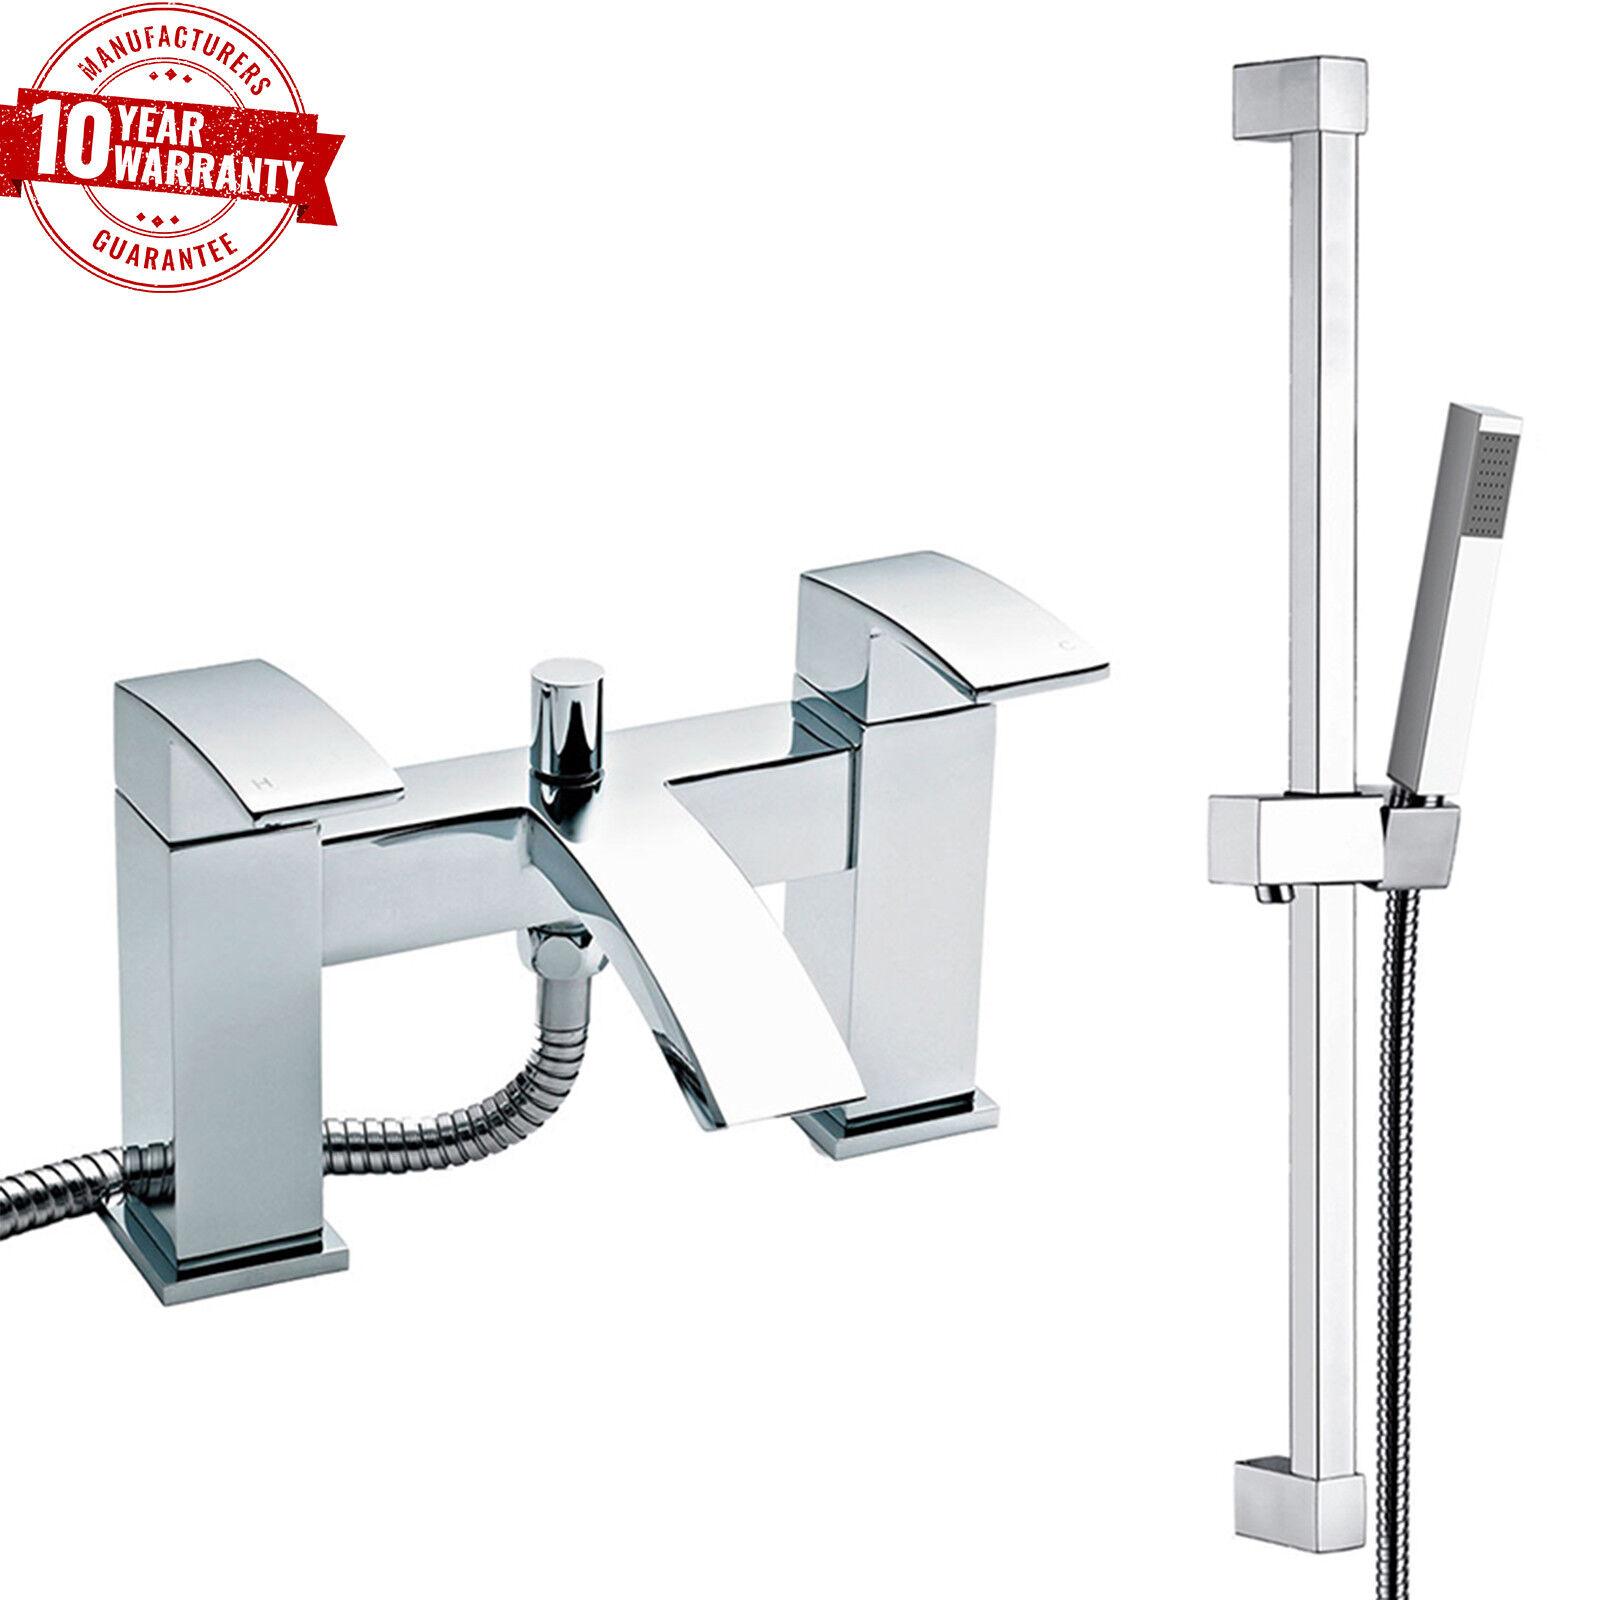 LUSSO PONTE moderno montato Chrome Miscelatore doccia bagno quadrato rubinetto con Rail Kit  C